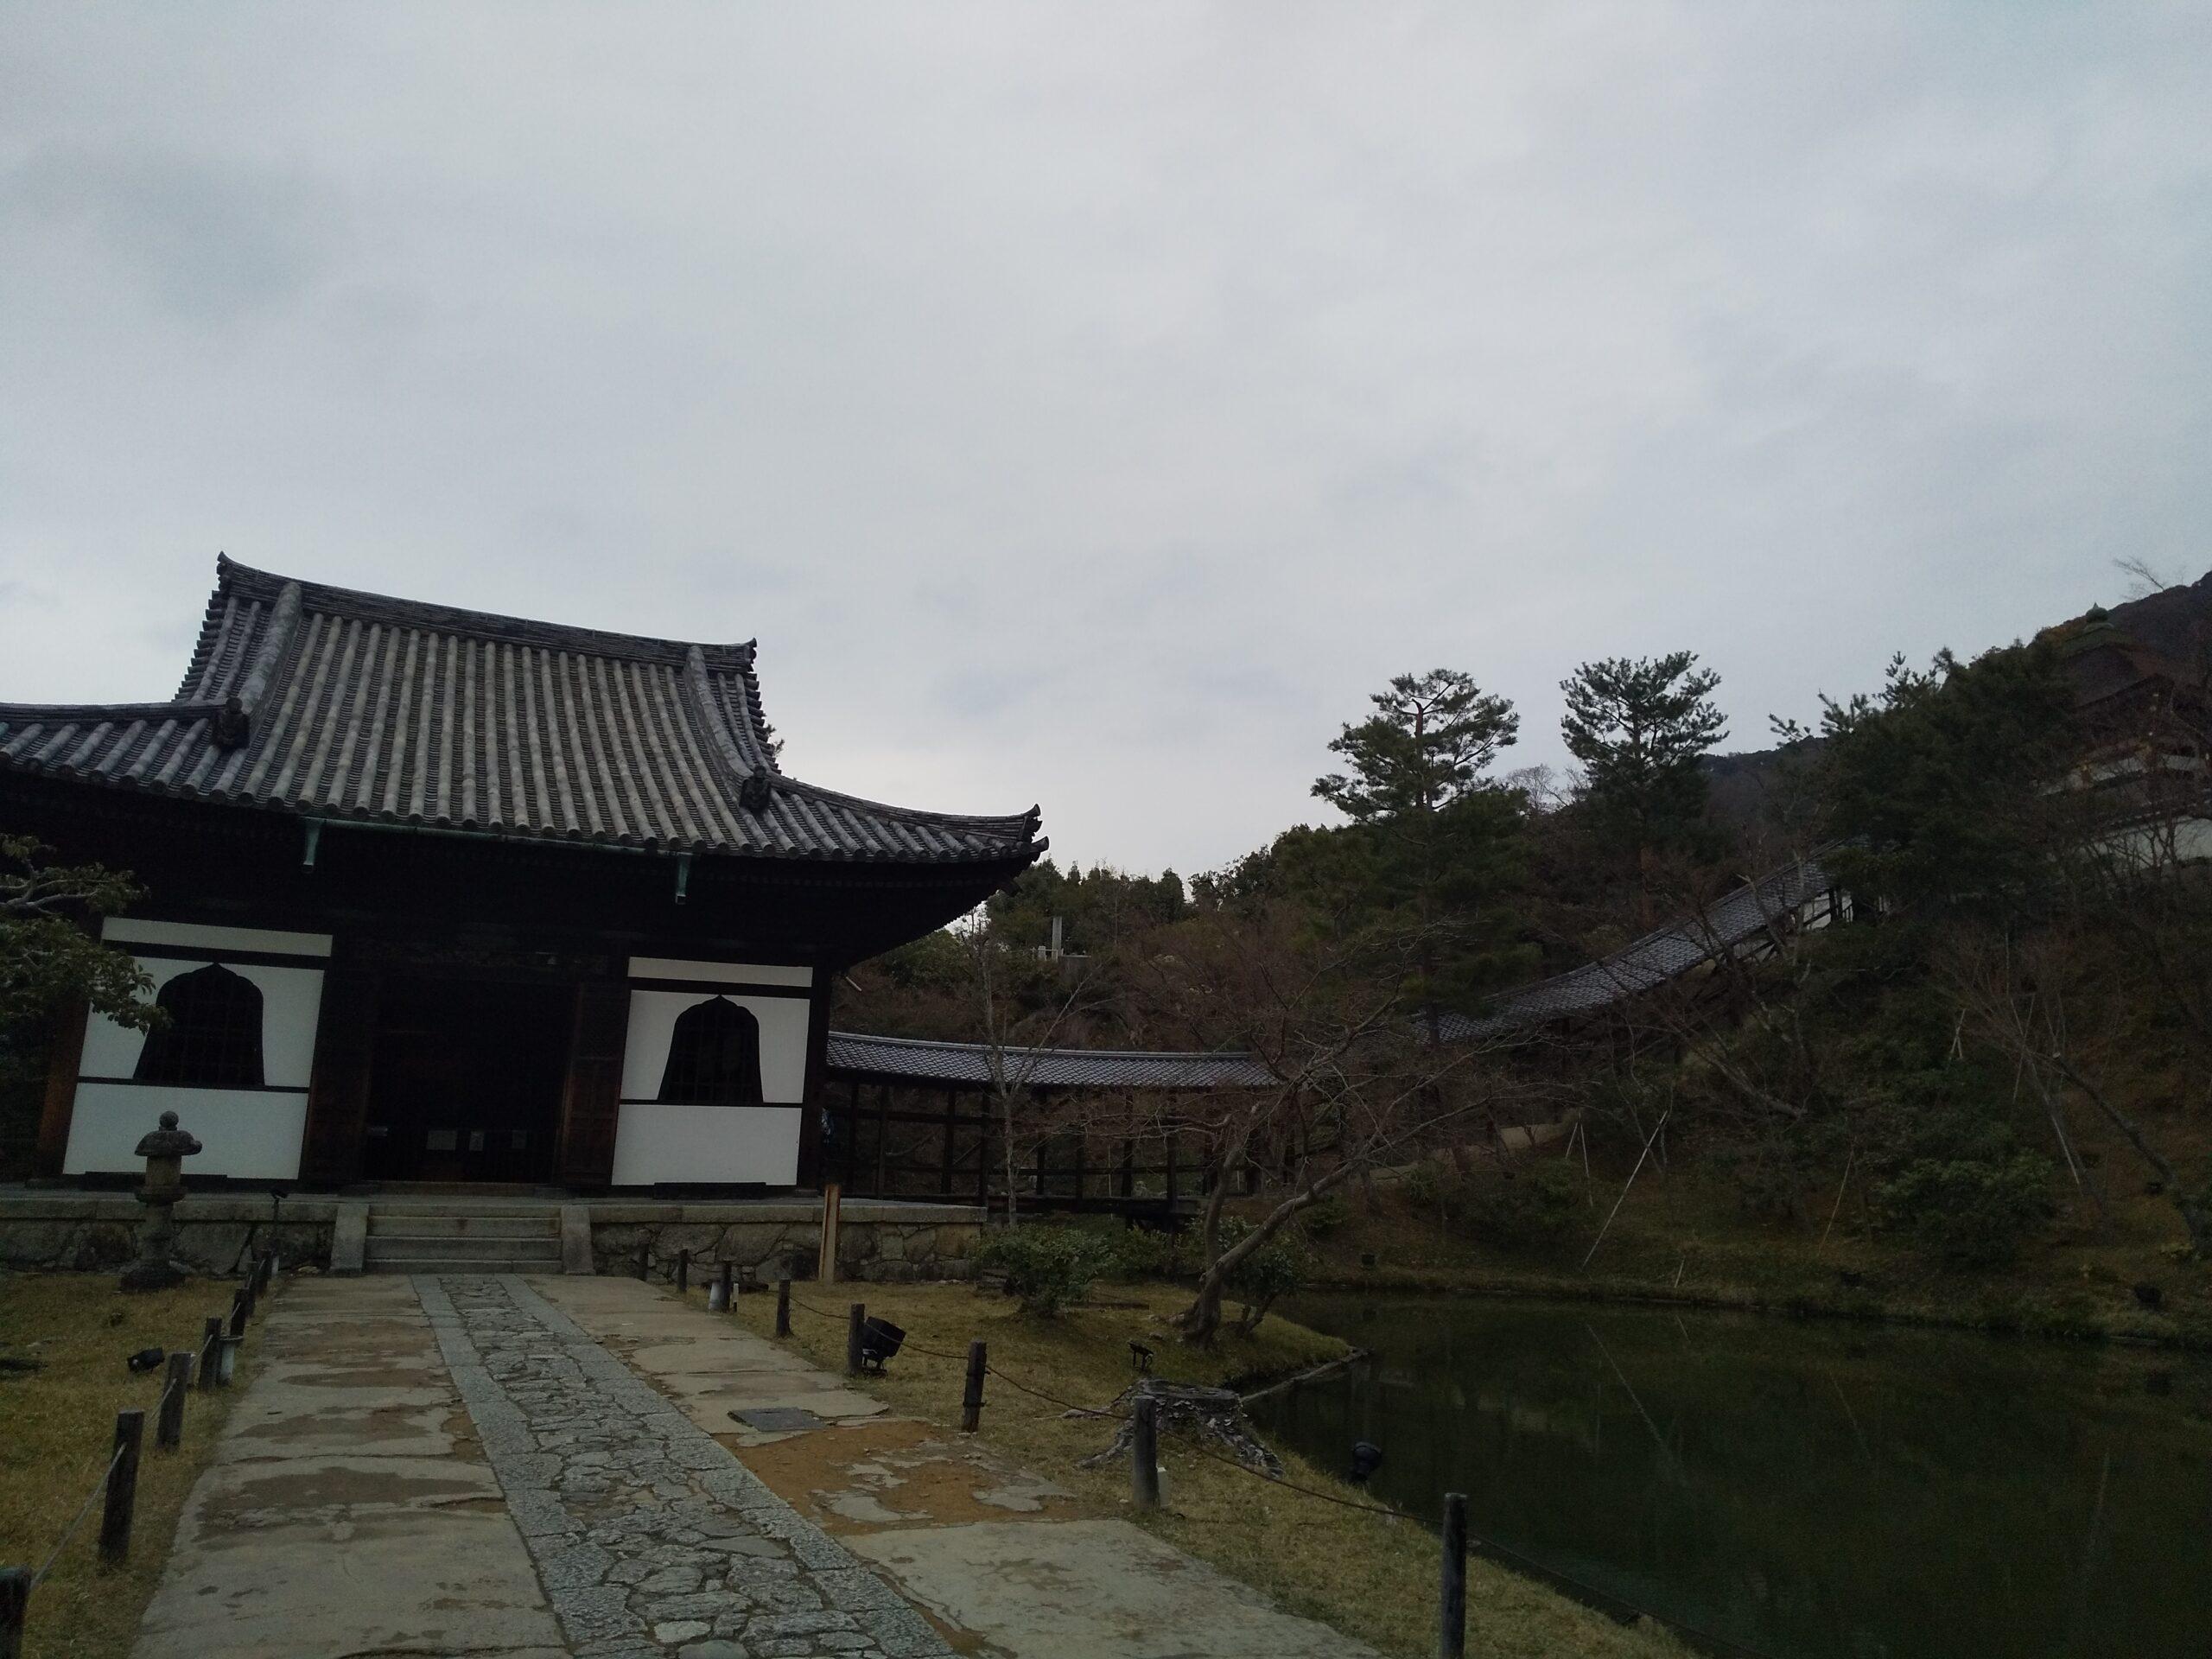 高台寺 開山堂